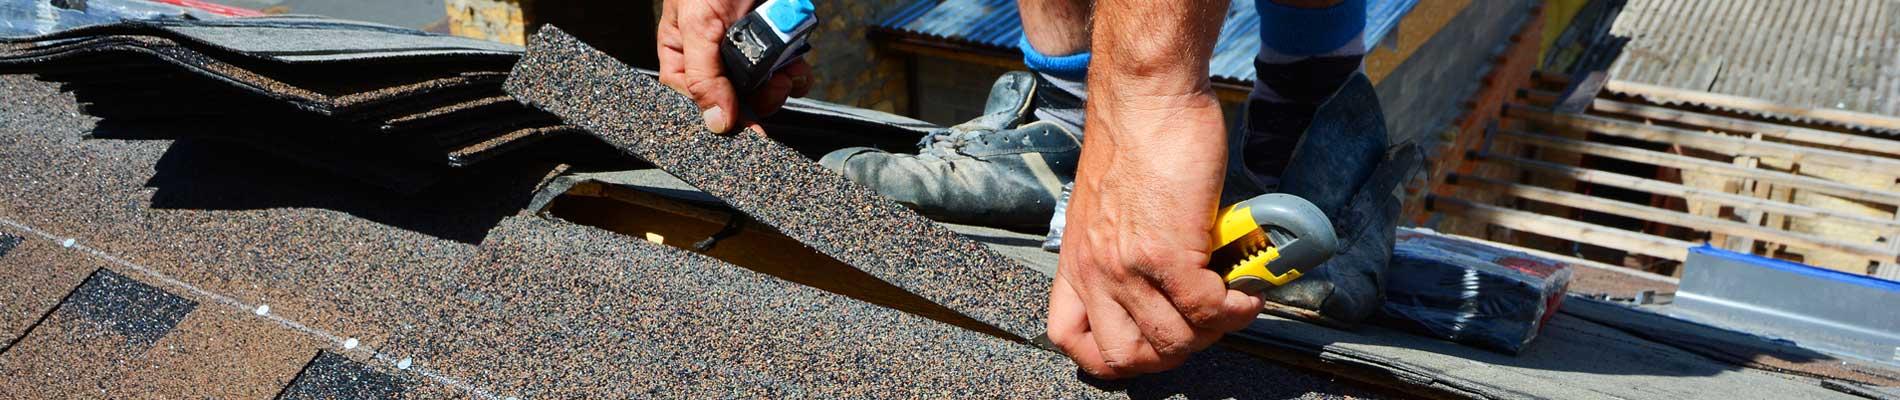 Réparation de toiture urgente suite dégâts des eaux